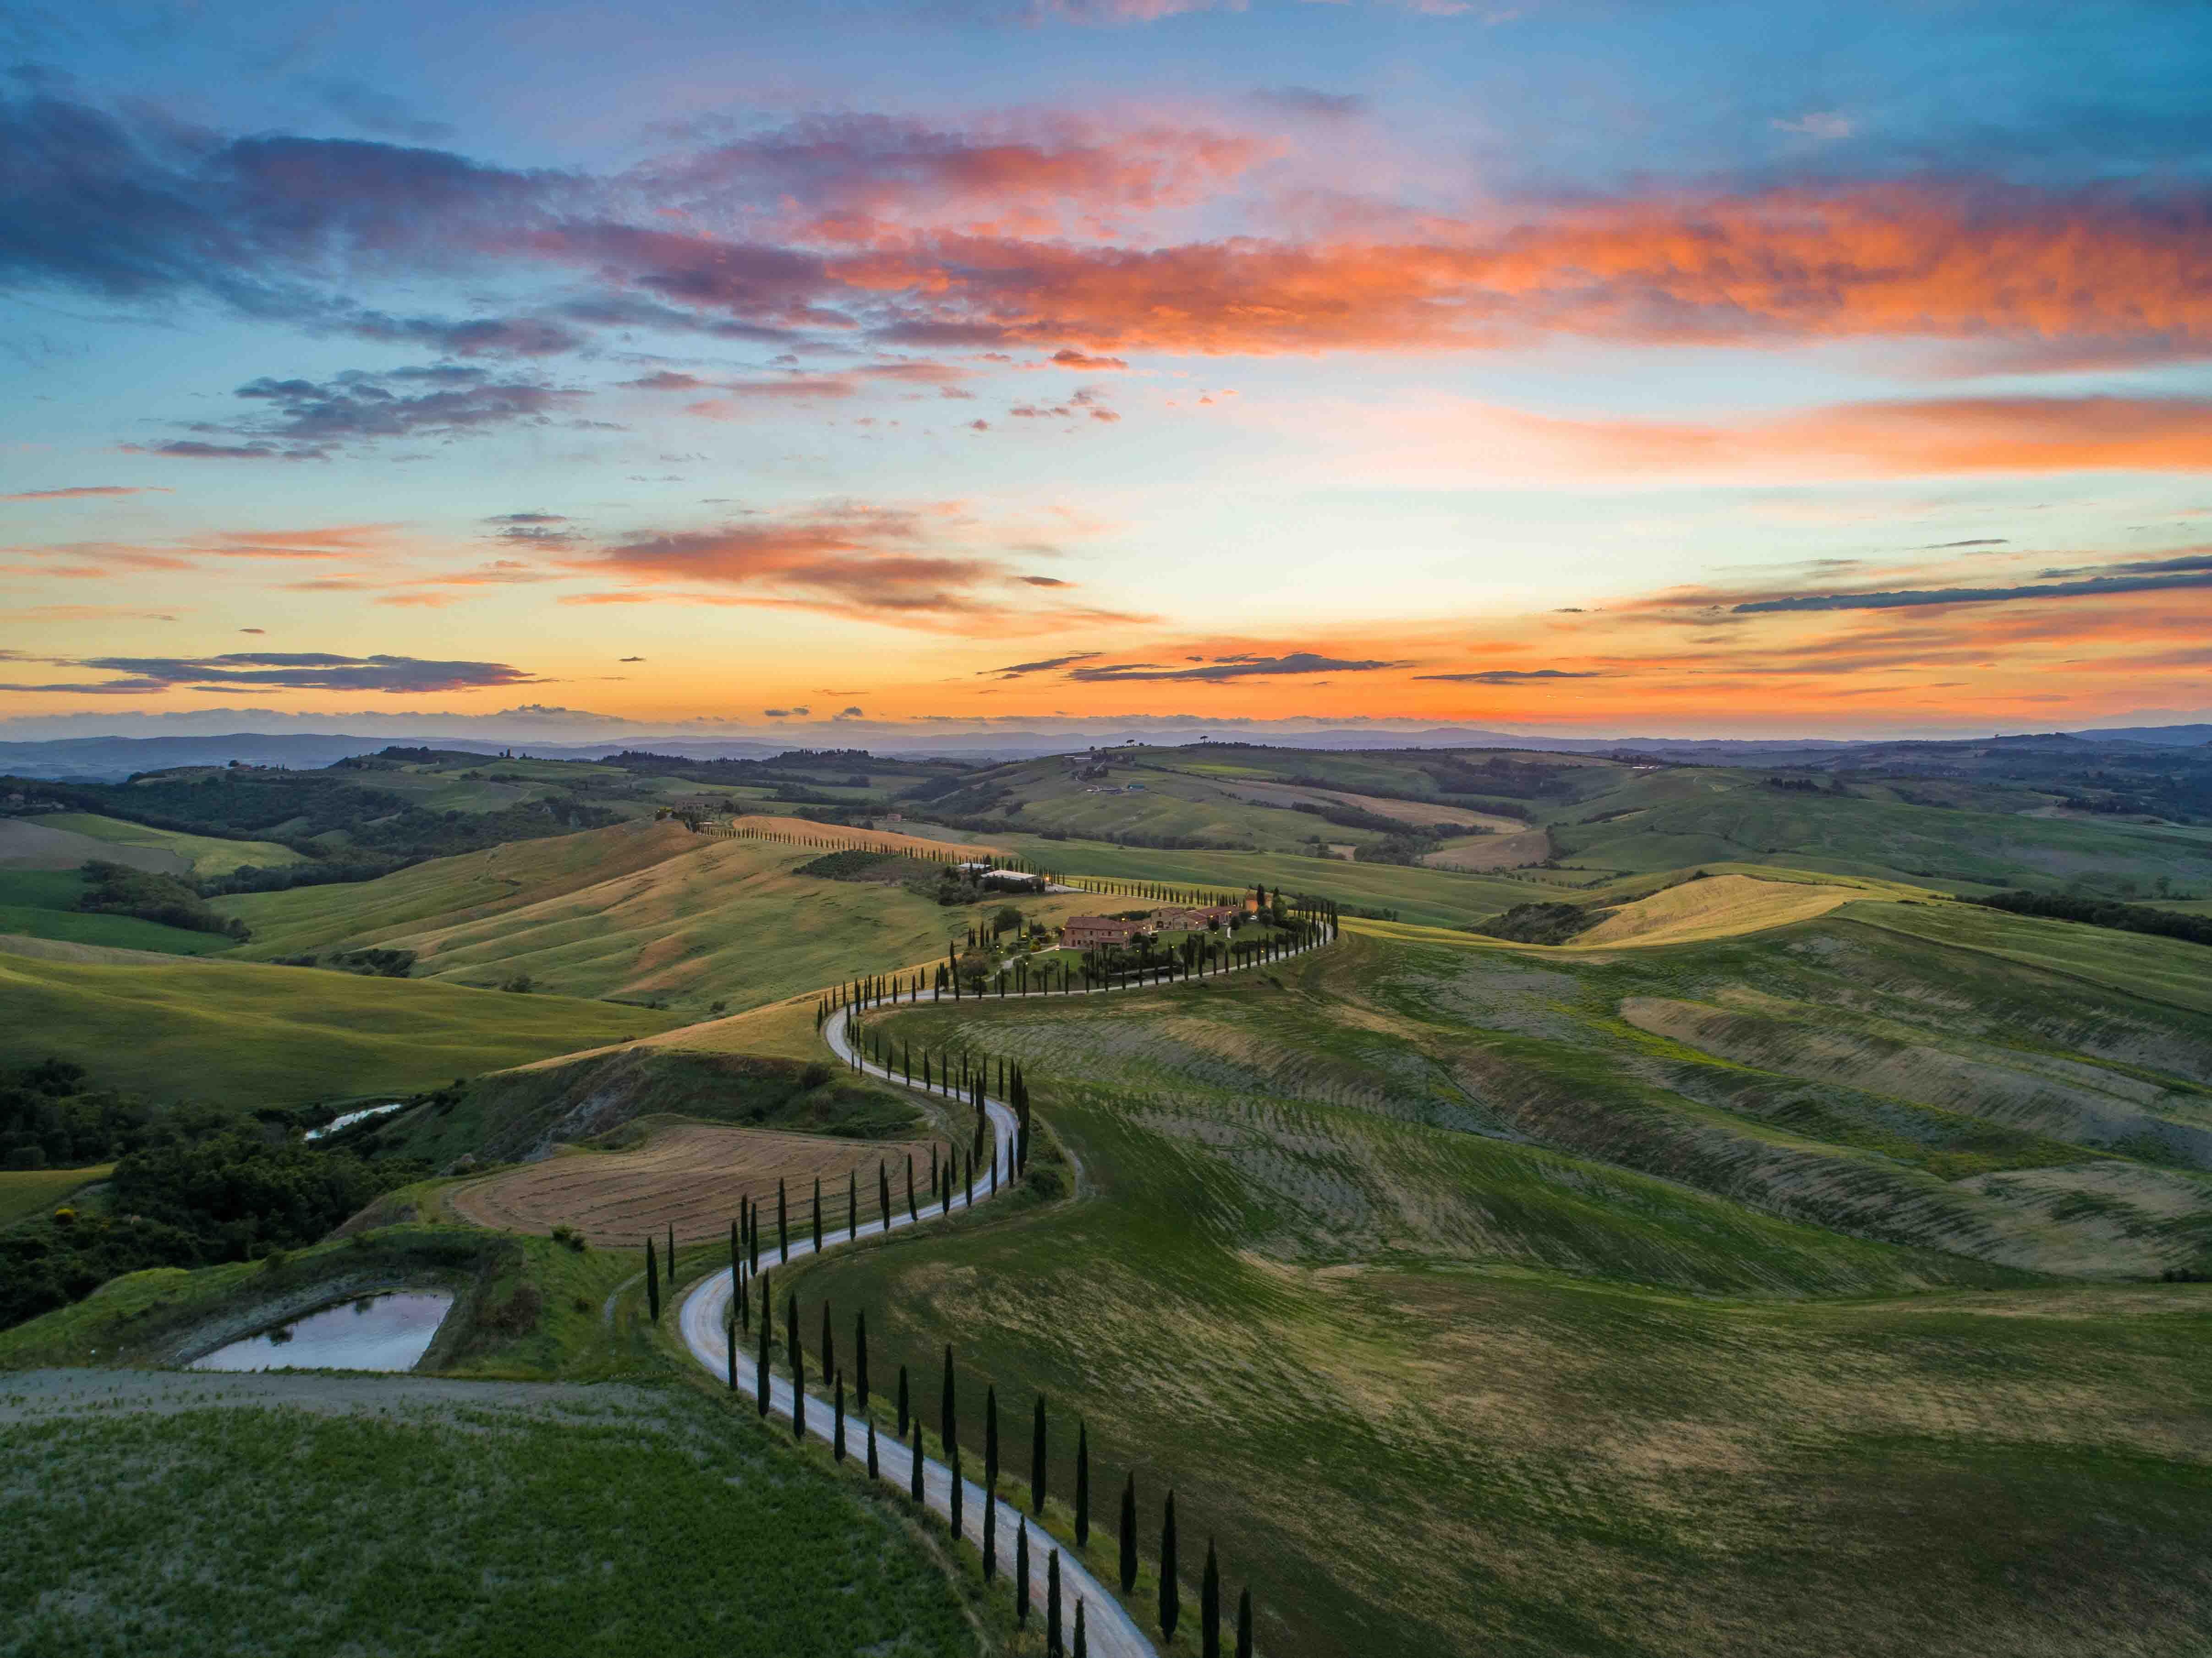 điểm đến Tuscany